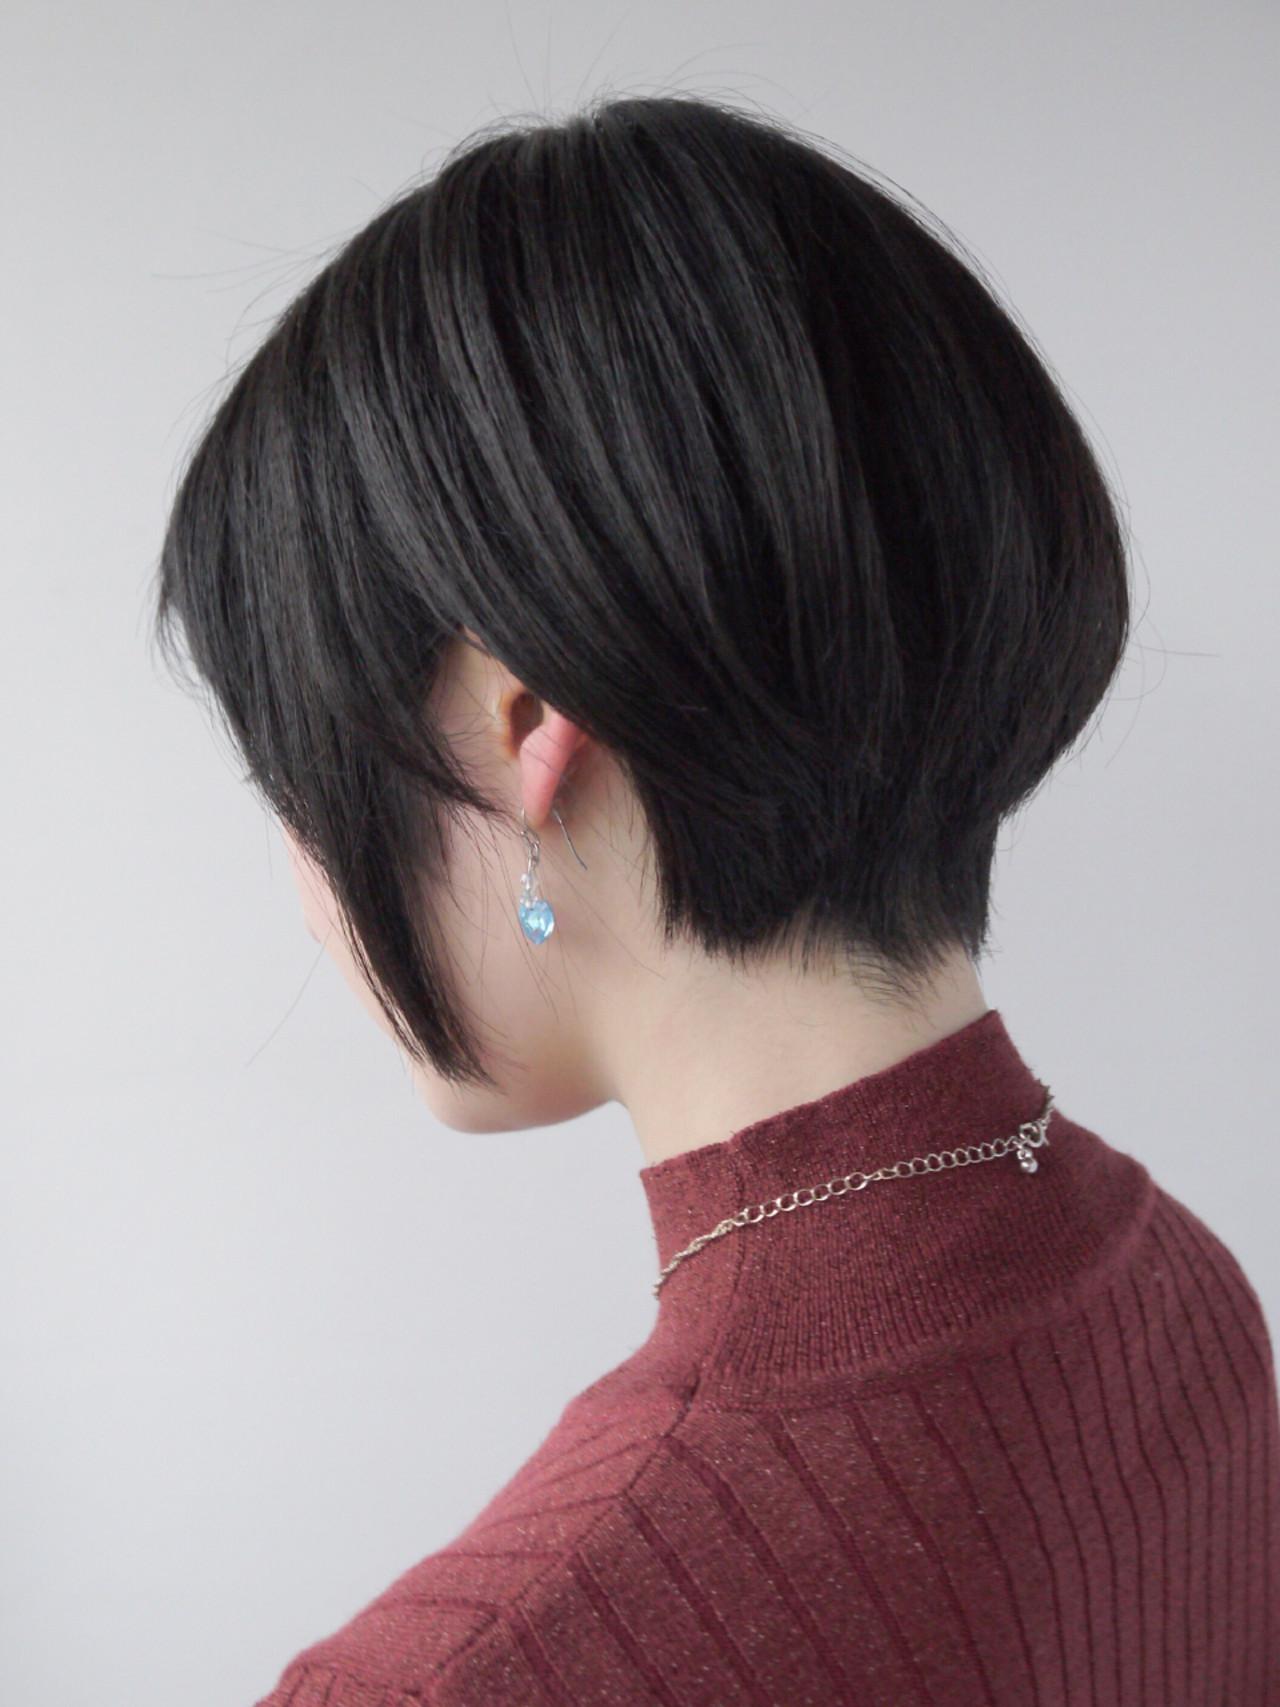 ナチュラル 小顔 ショートボブ ショート ヘアスタイルや髪型の写真・画像 | Hiroさん / モリオフロムロンドン原宿本店